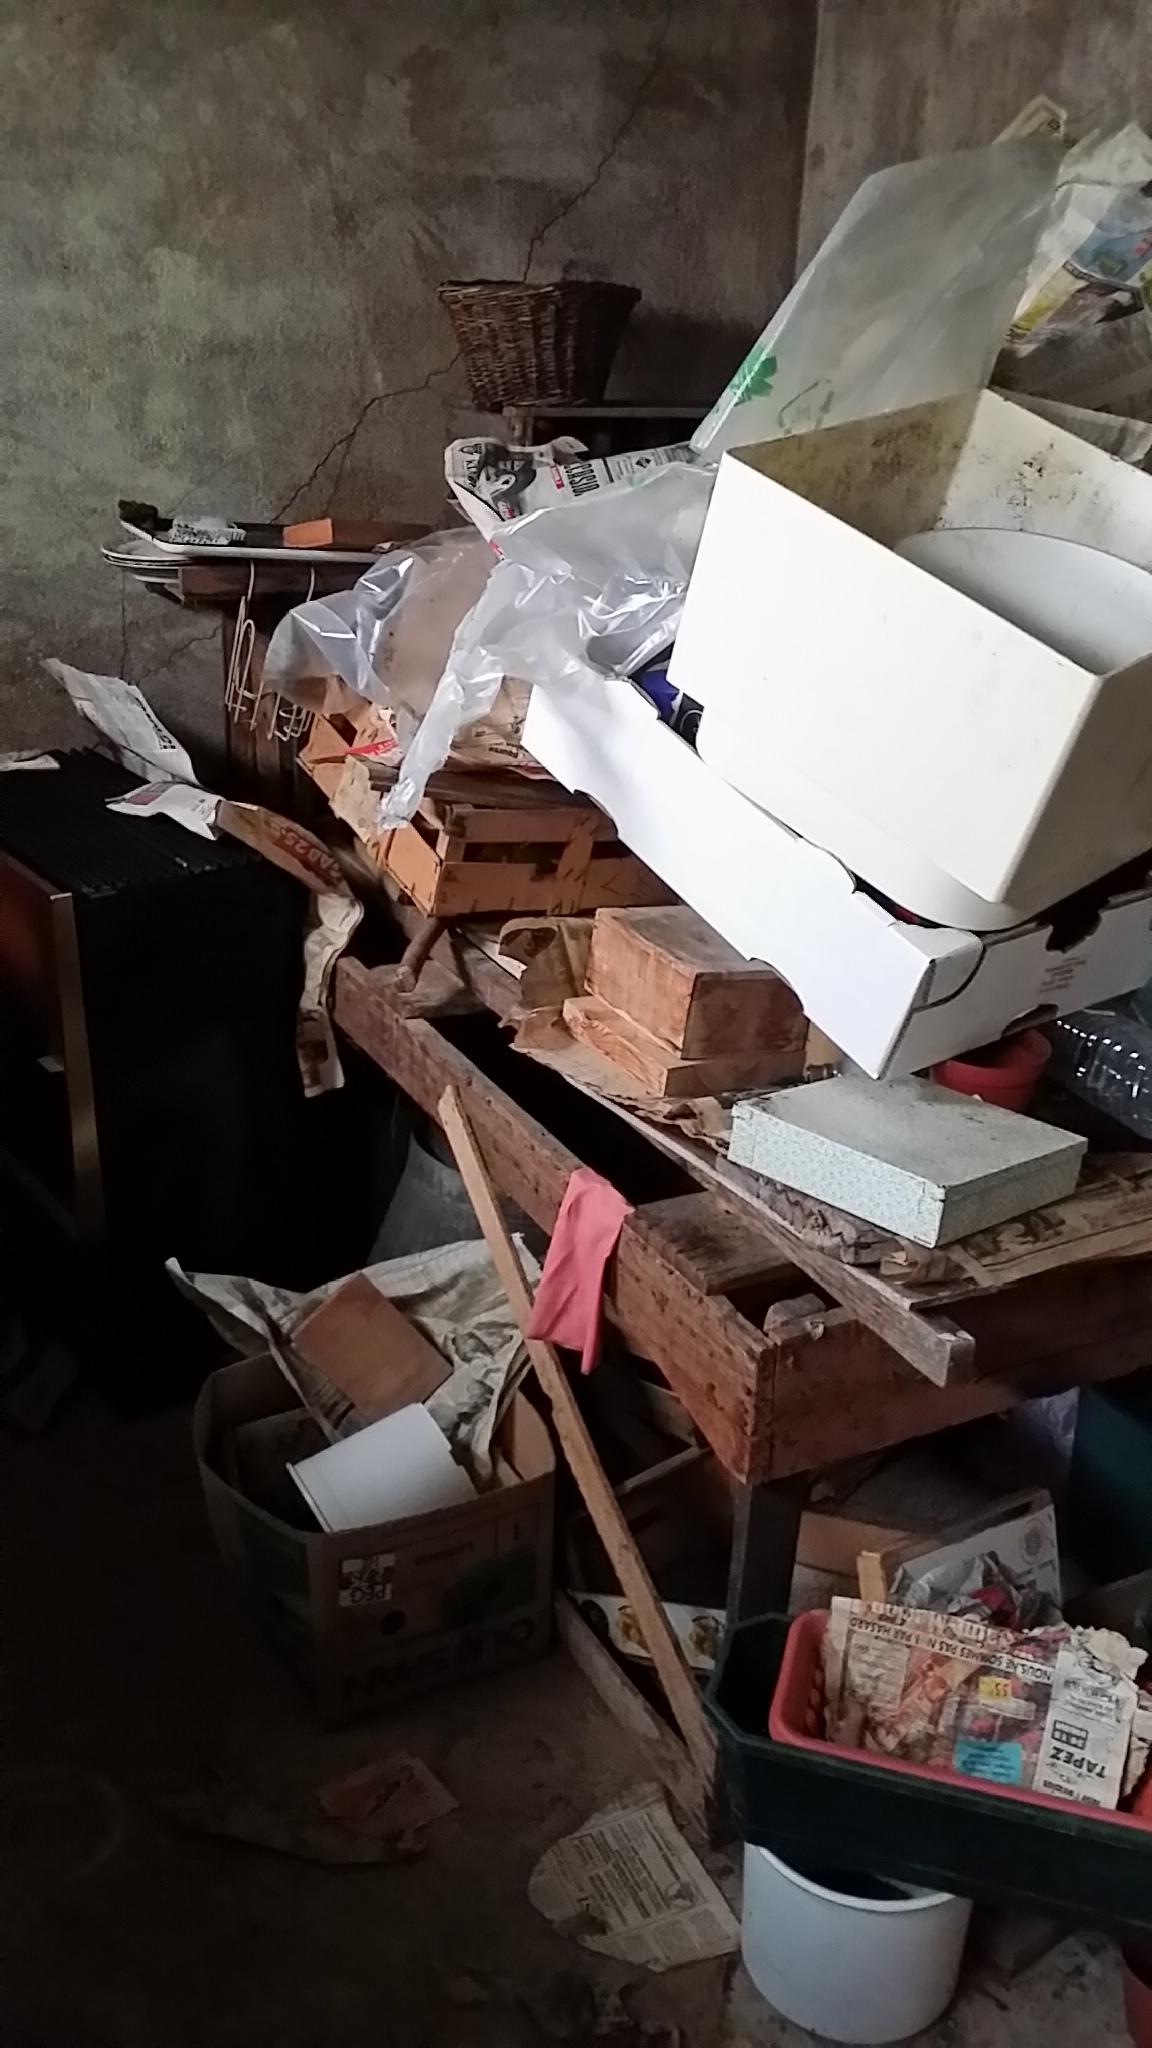 Des tas de cartons, cagettes et produits de jardinages se sont accumulés....